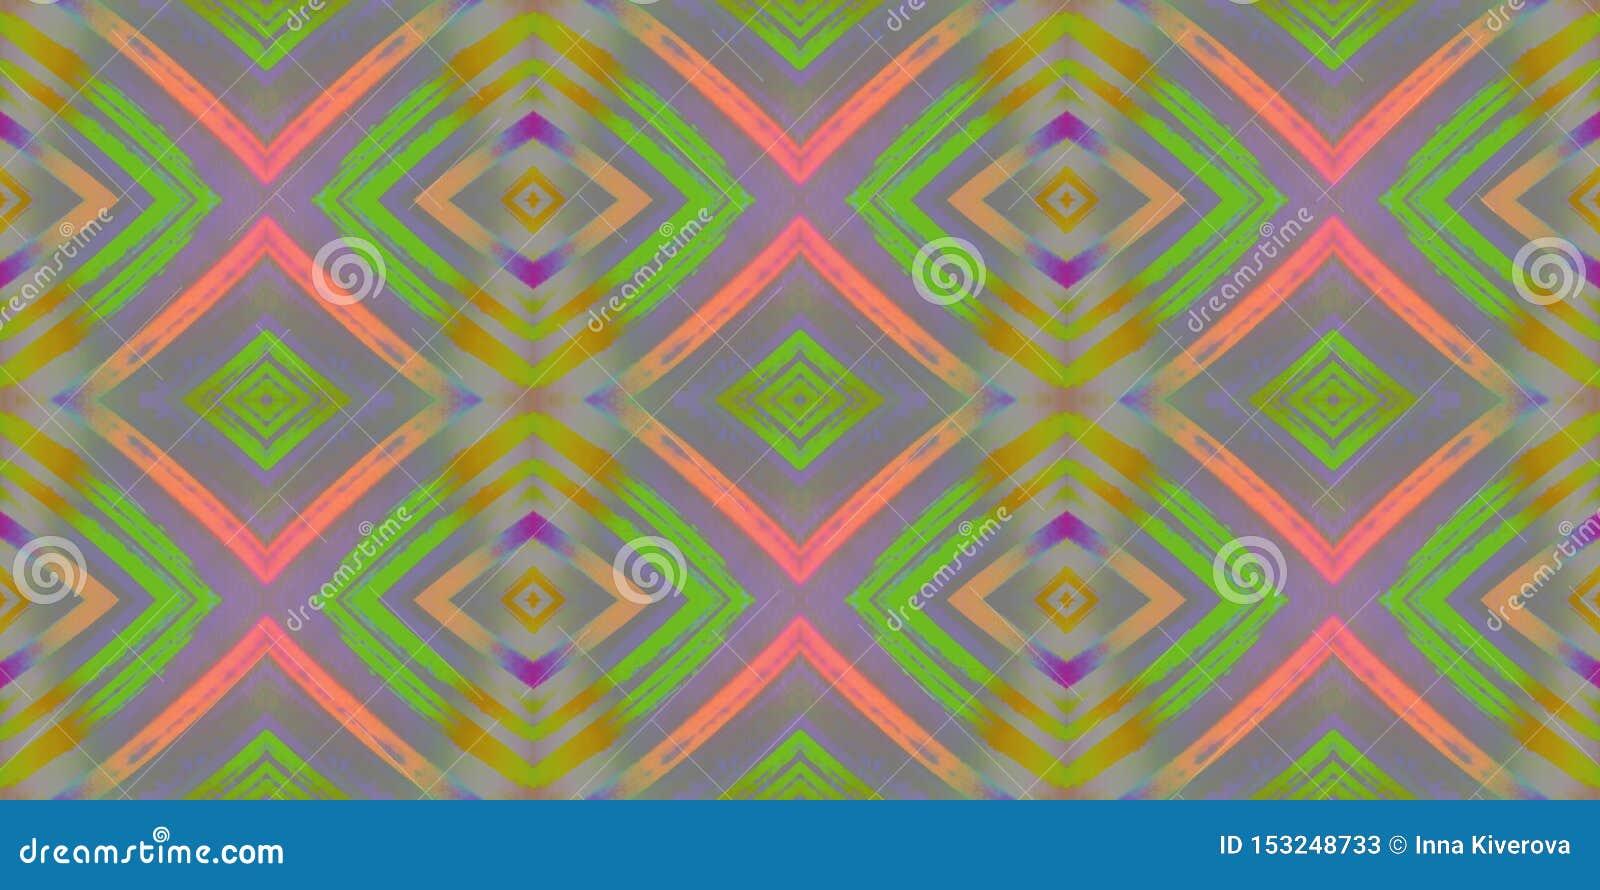 Ornamento brilhante de repetição infinito sem emenda de formas geométricas multi-coloridas